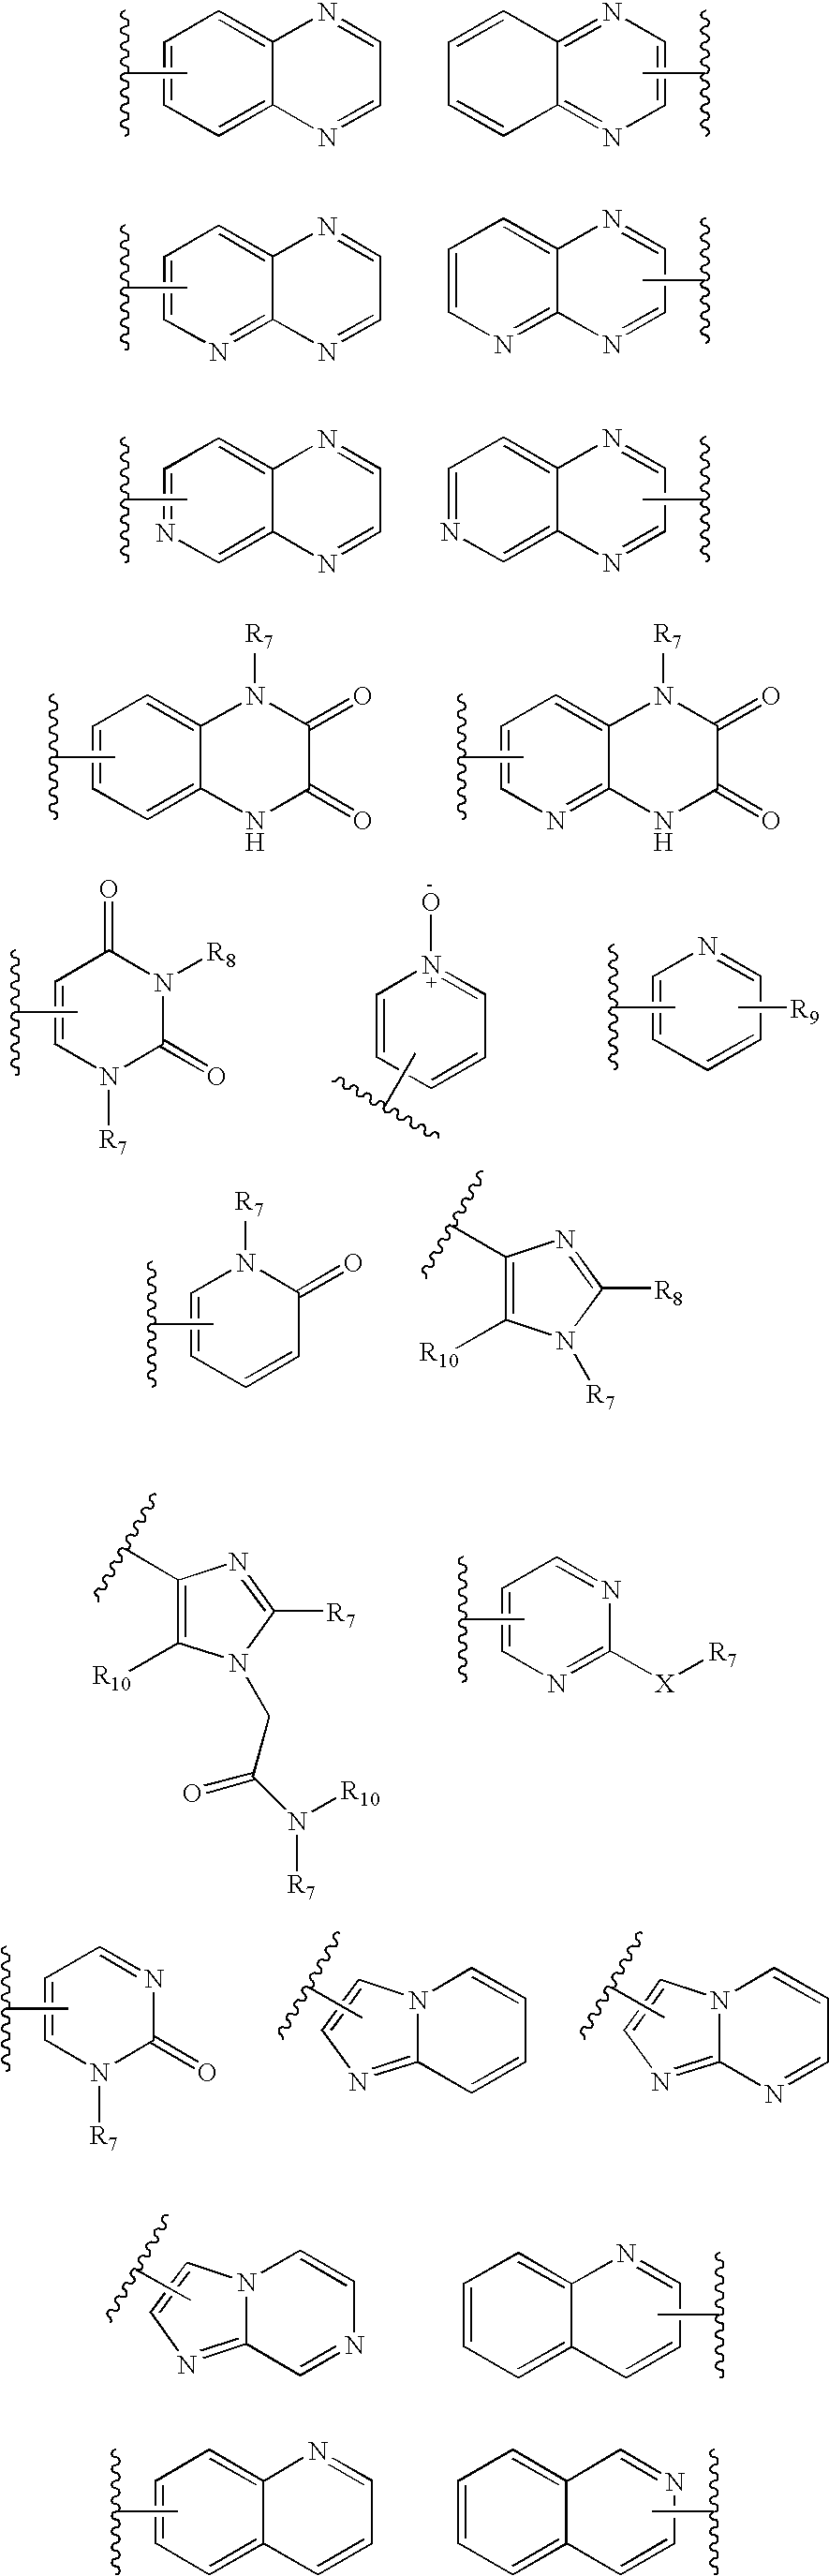 Figure US07531542-20090512-C00098